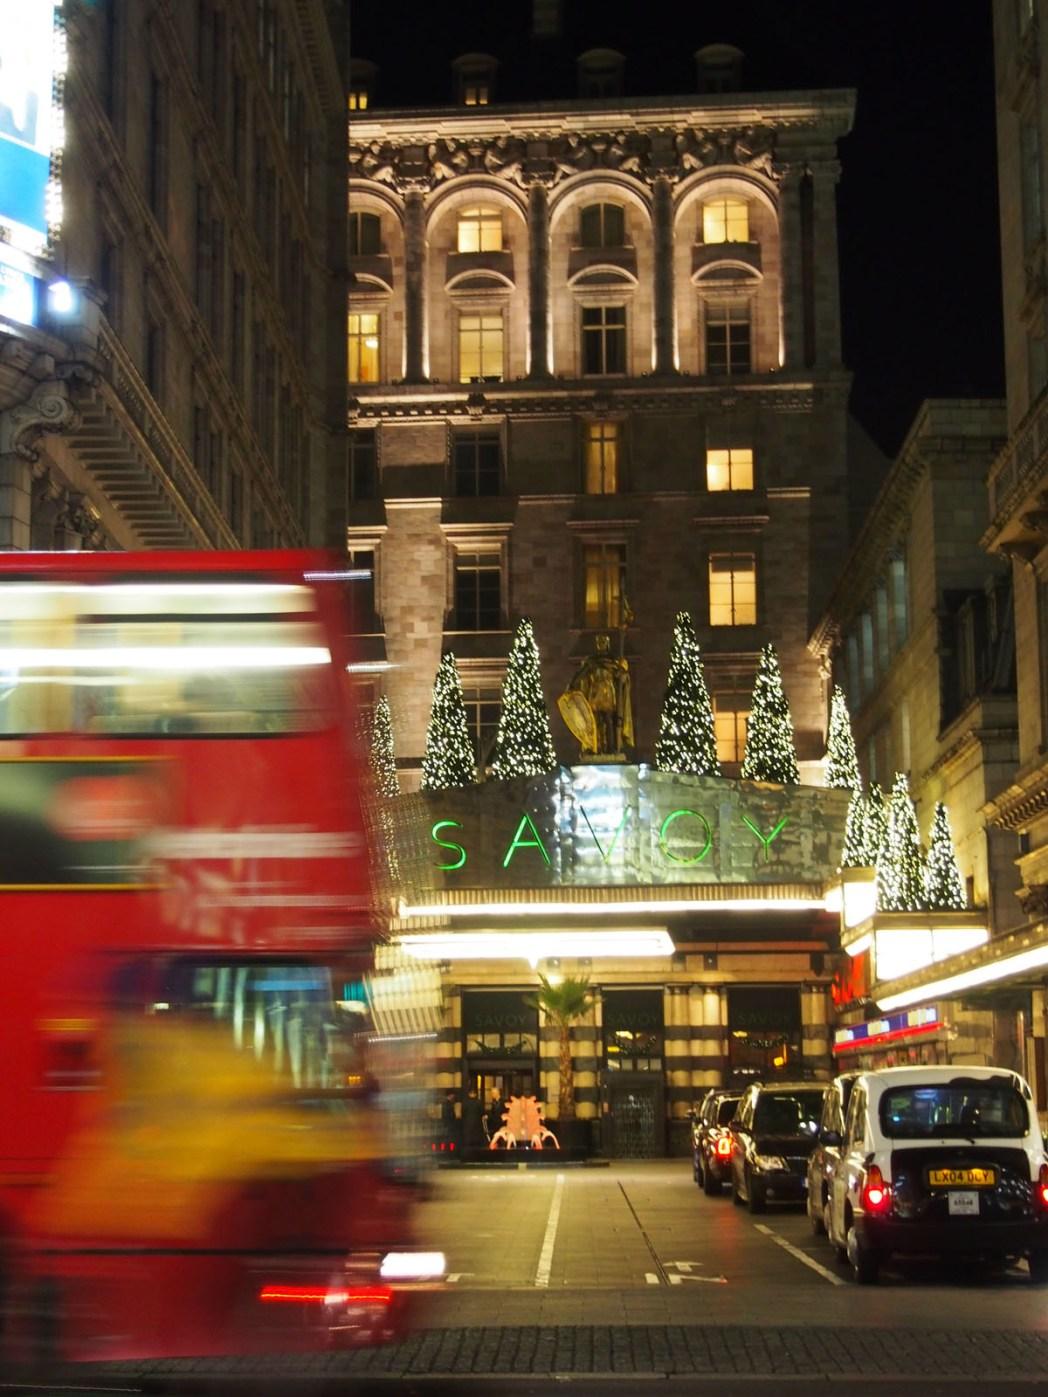 Donde tomar el afternoon tea en Londres Entrada Savoy